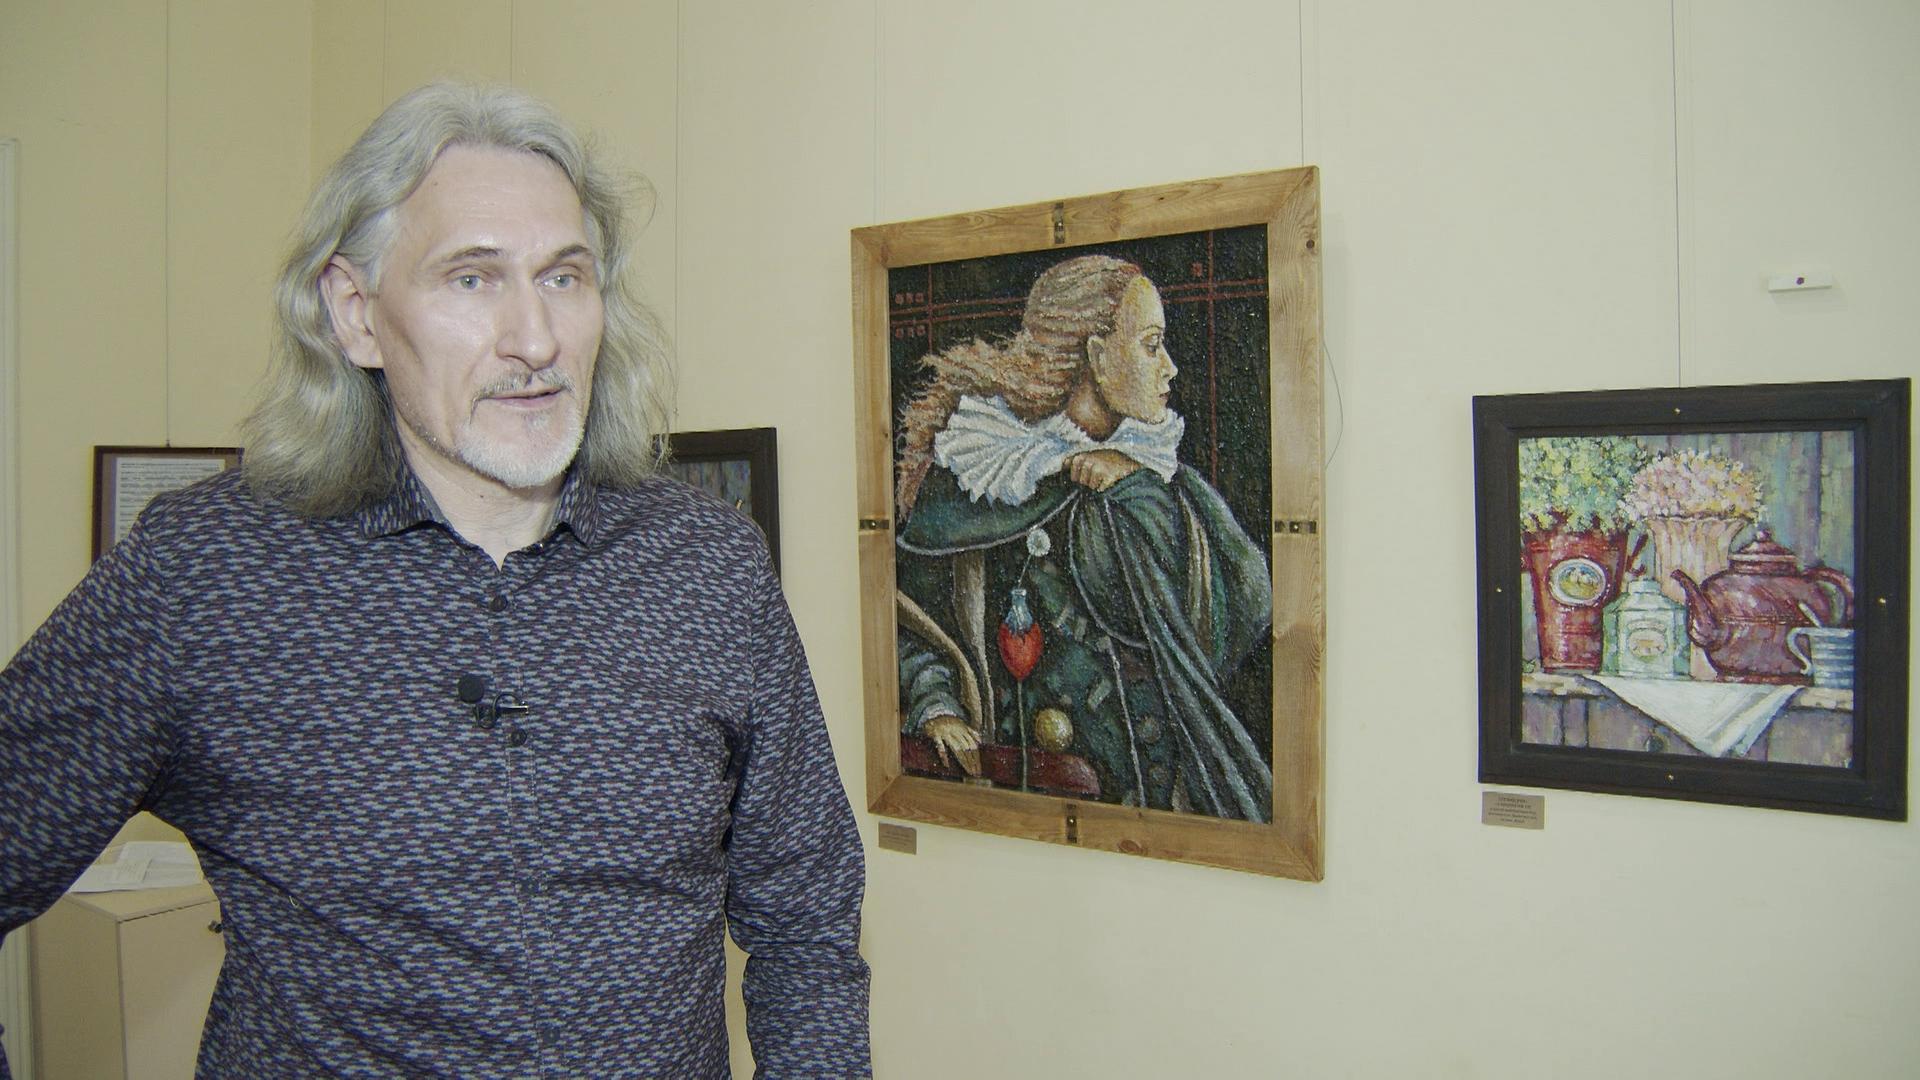 kegelev - Художественный музей Витебска представил женские портреты Ю.Пэна (видео)